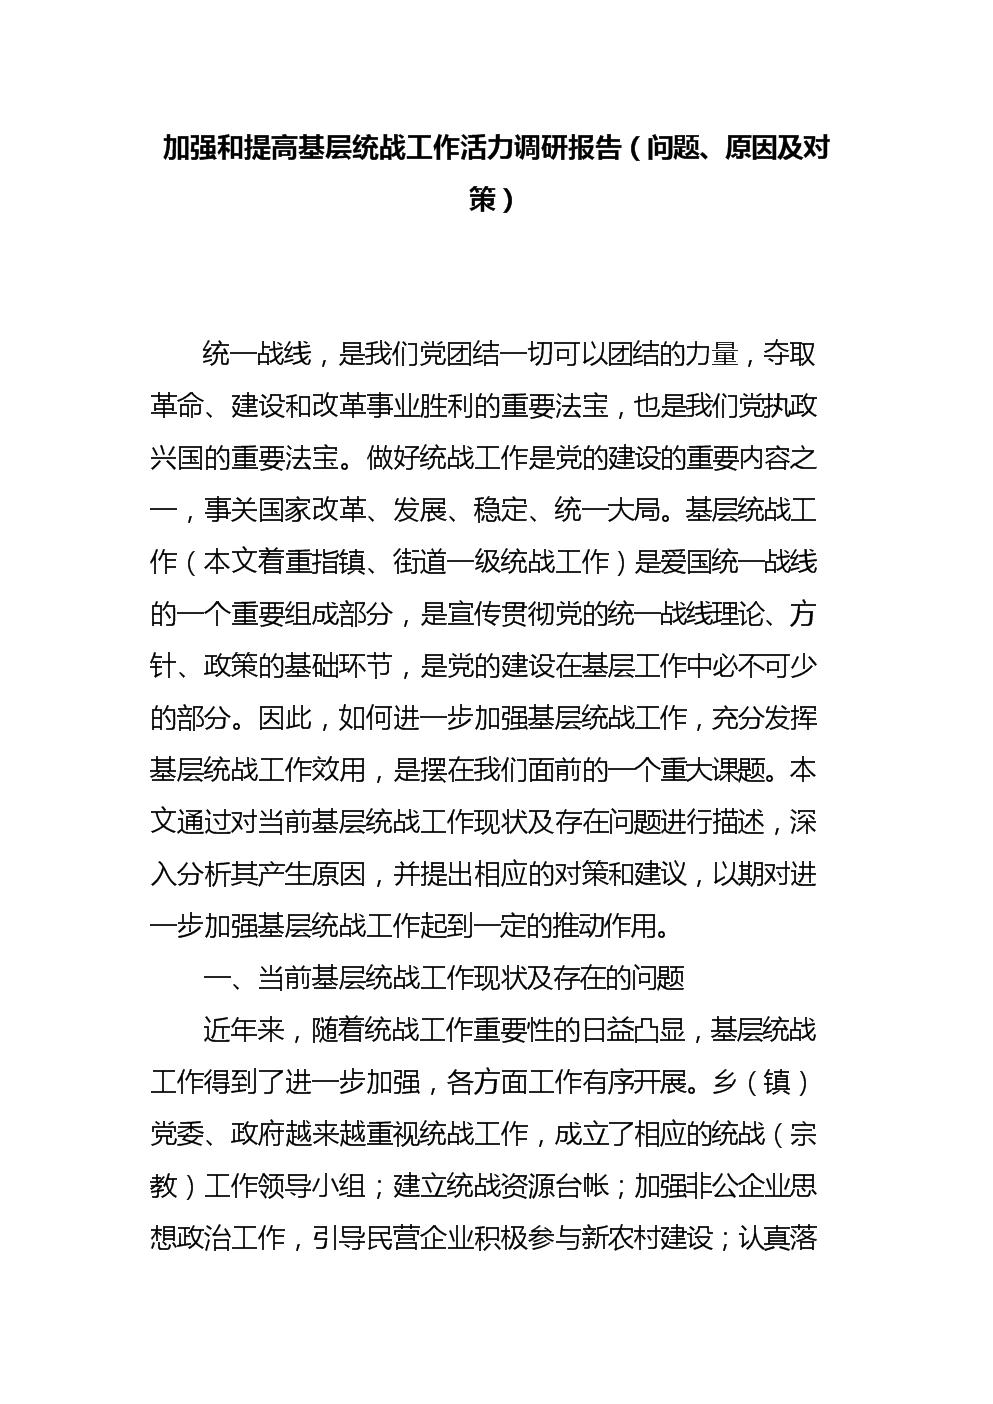 加强和提高基层统战工作活力调研报告(问题、原因及对策).docx